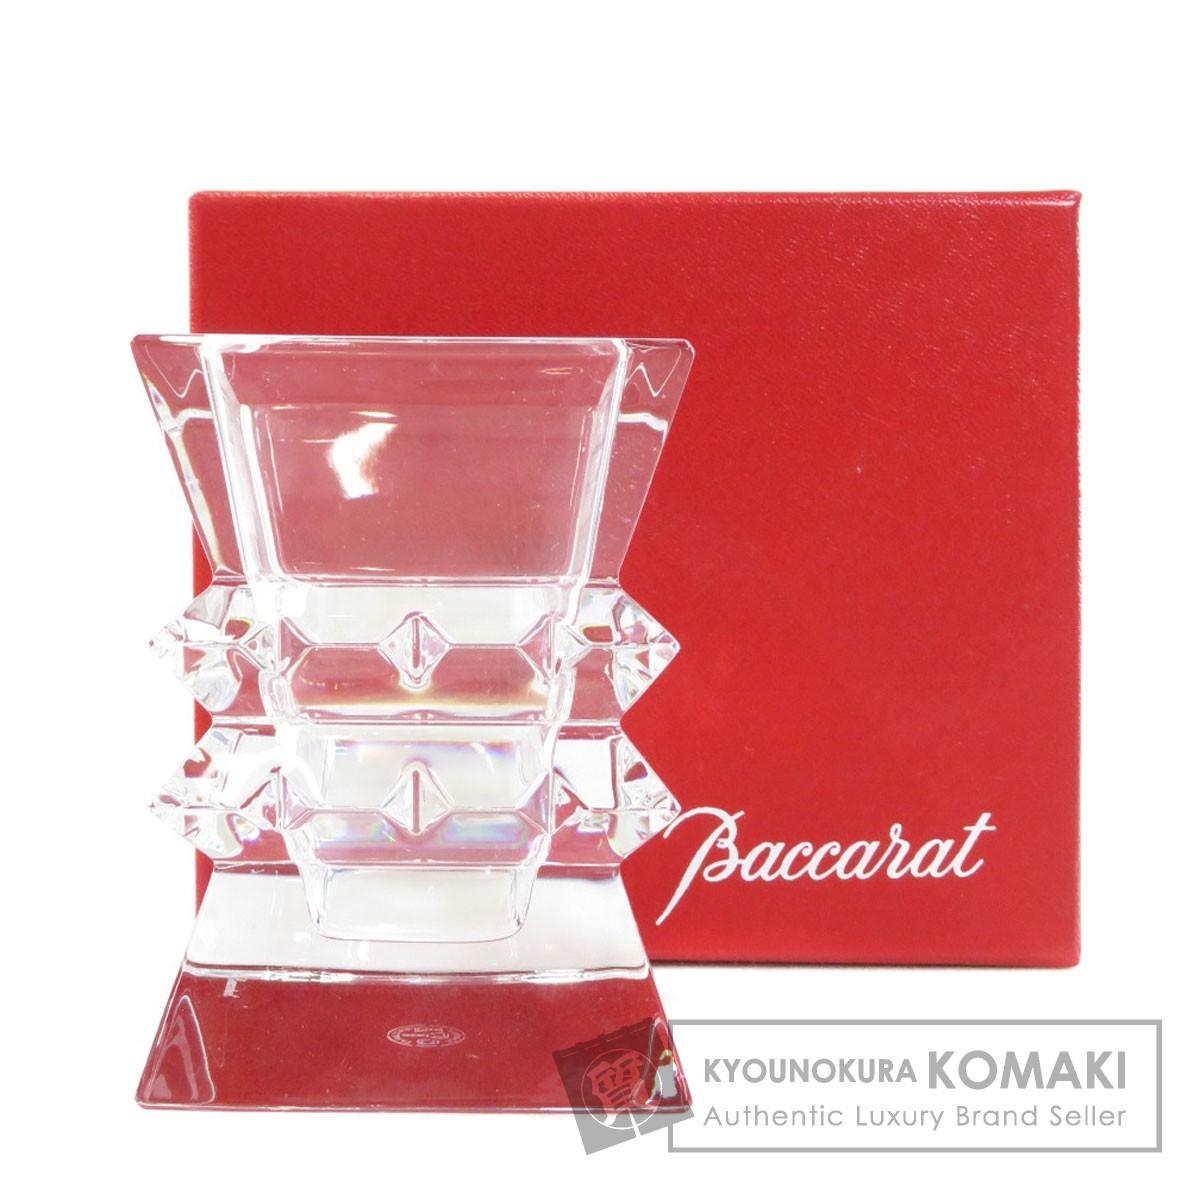 バカラ キャンドルスタンド オブジェ クリスタルガラス レディース 【中古】【Baccarat】